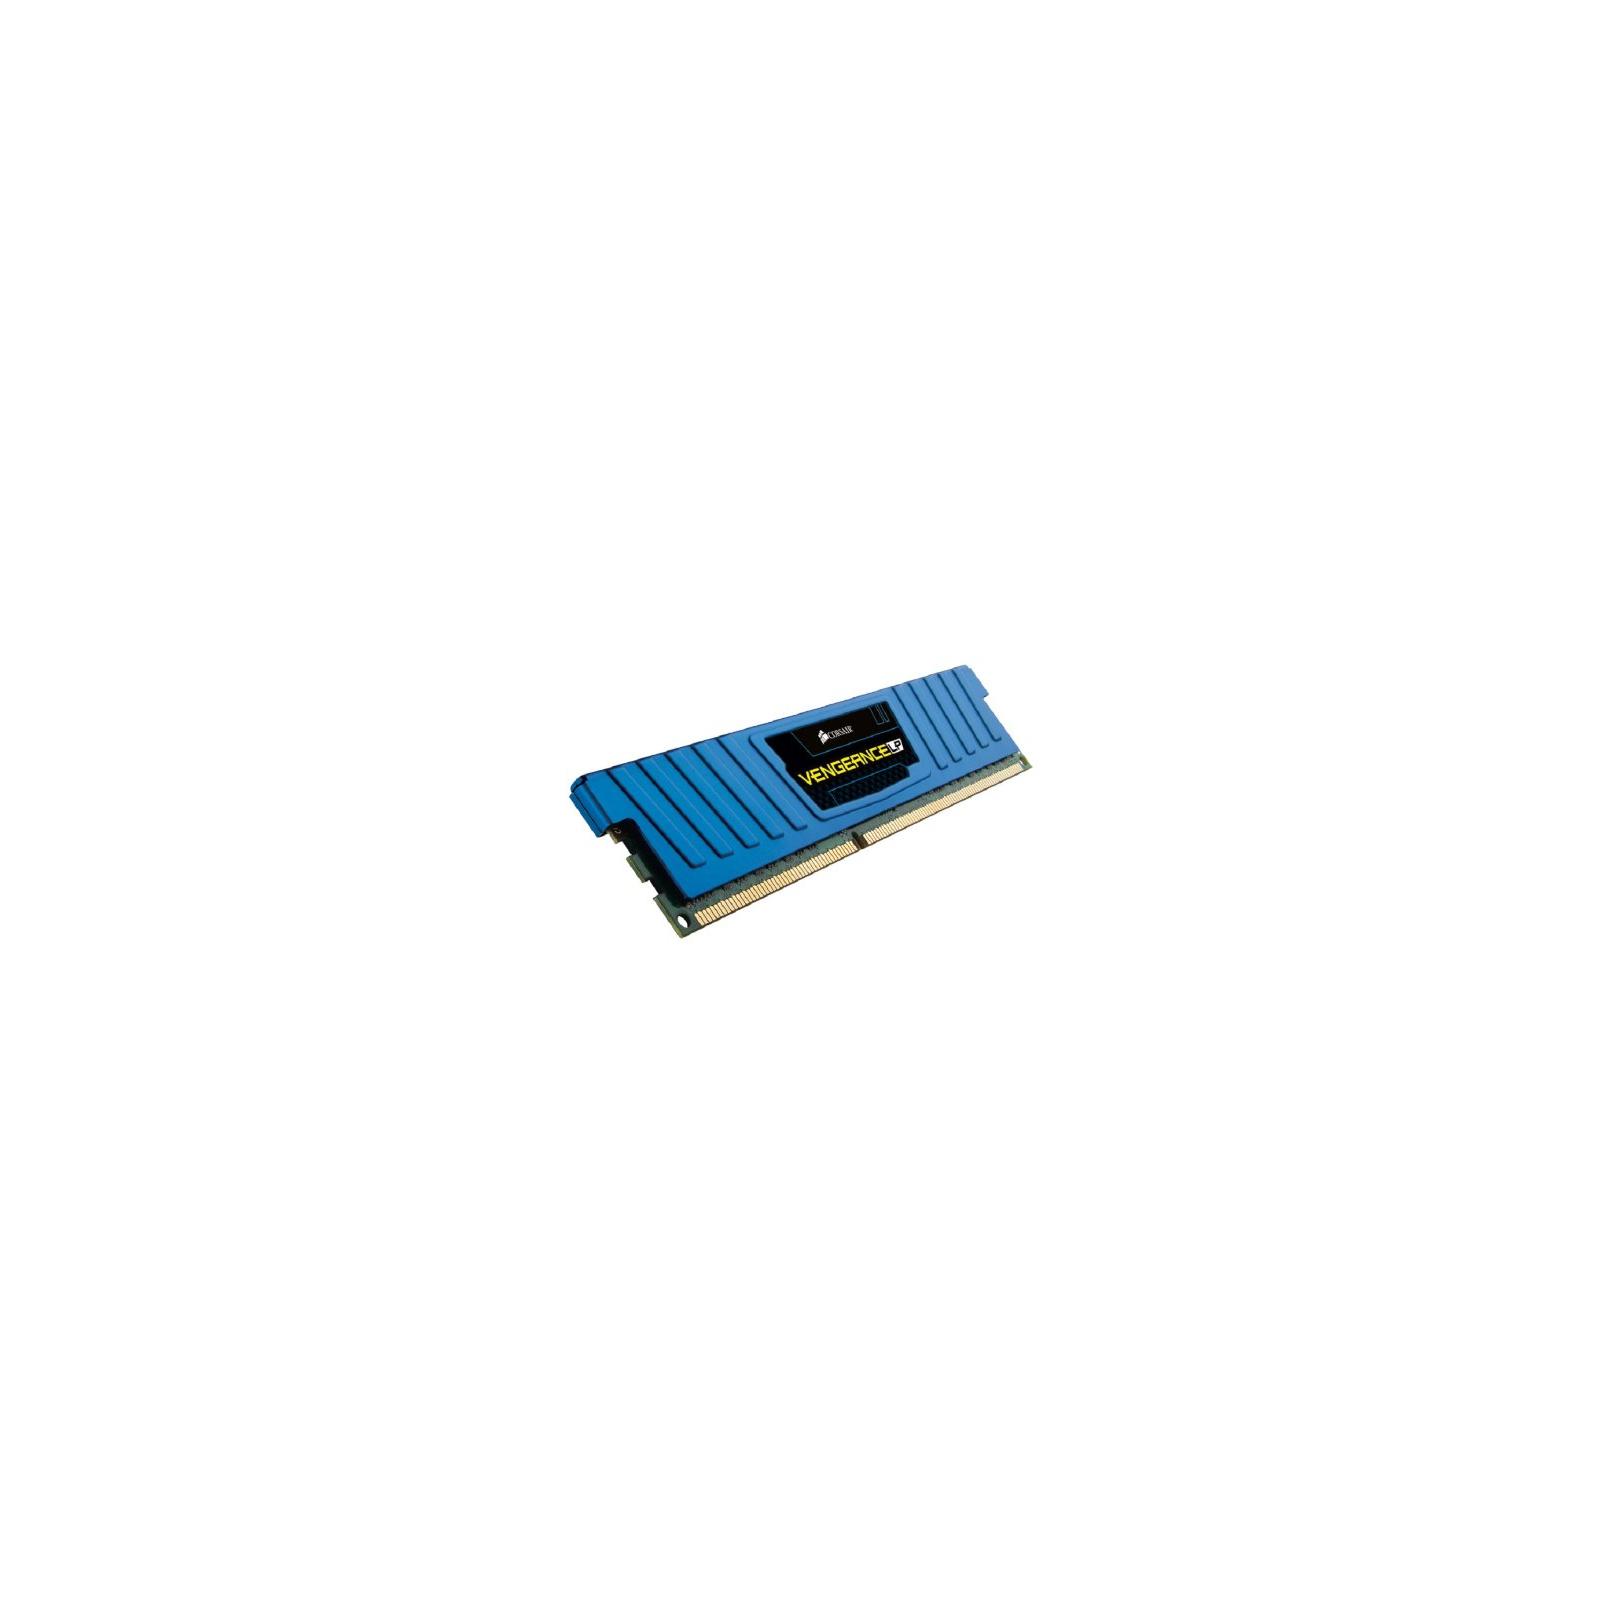 Модуль памяти для компьютера DDR3 16GB (2x8GB) 1600 MHz CORSAIR (CML16GX3M2A1600C10B) изображение 3